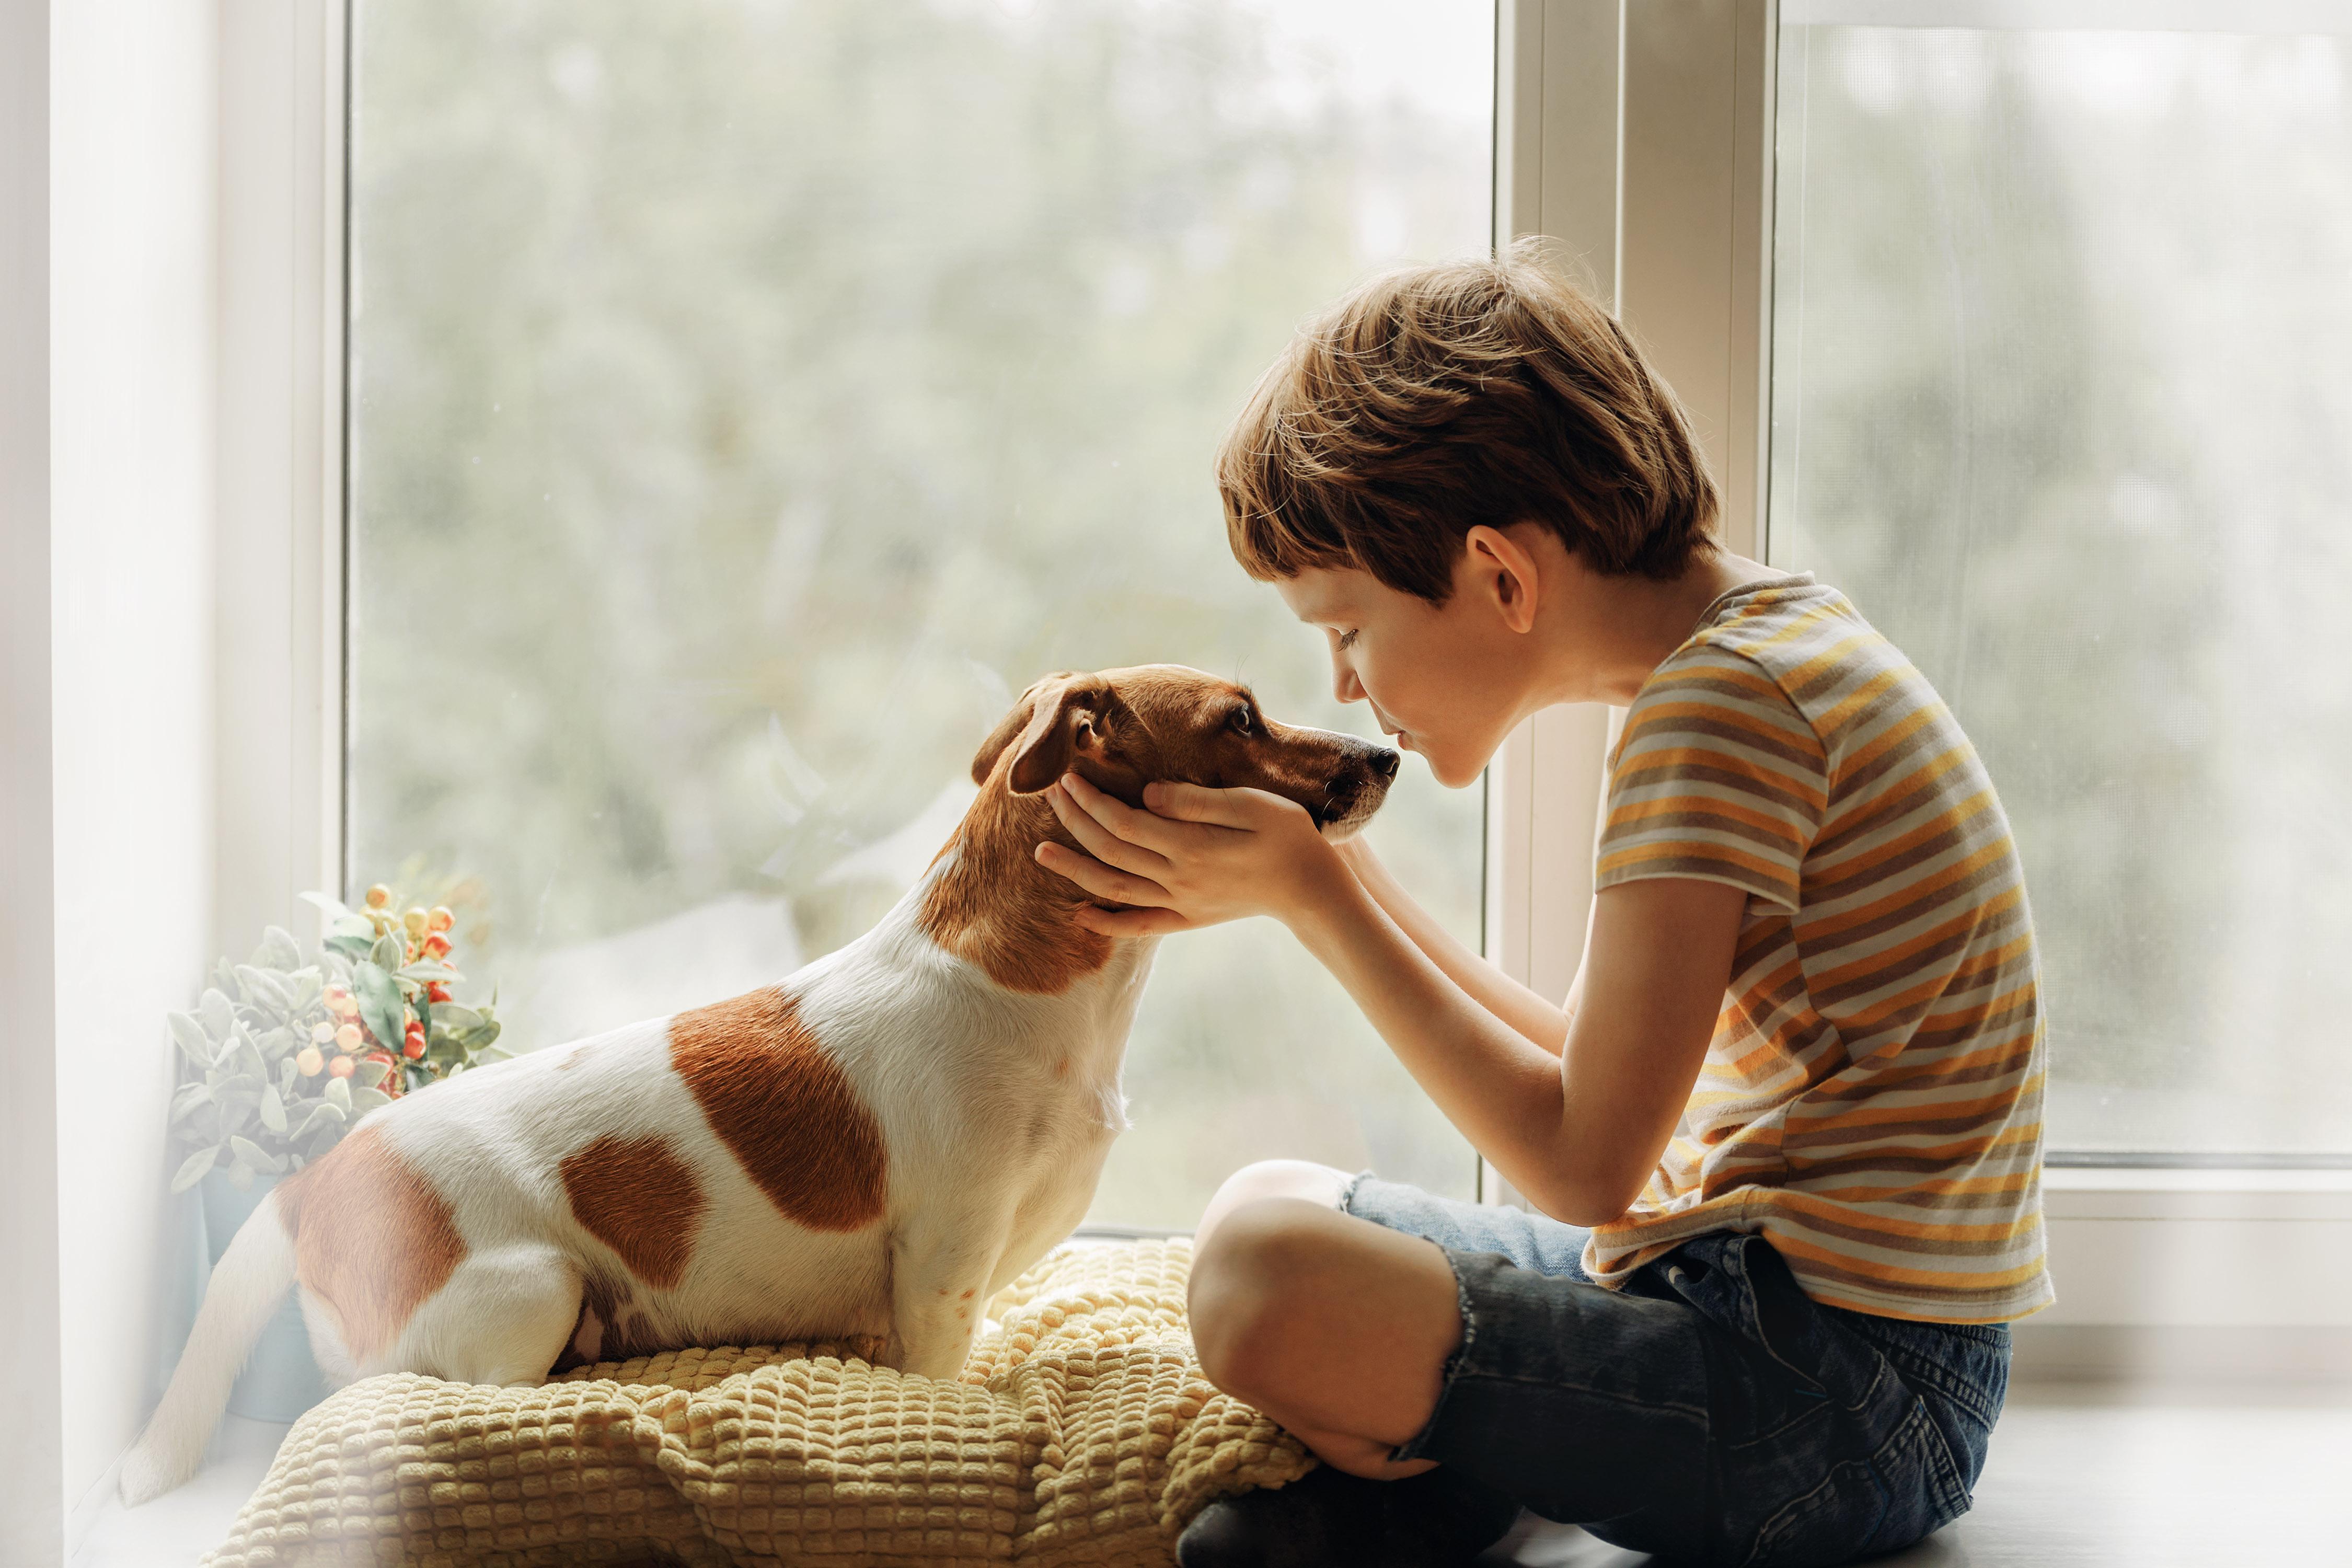 Estudo: Cães podem melhorar o desenvolvimento socioemocional em crianças